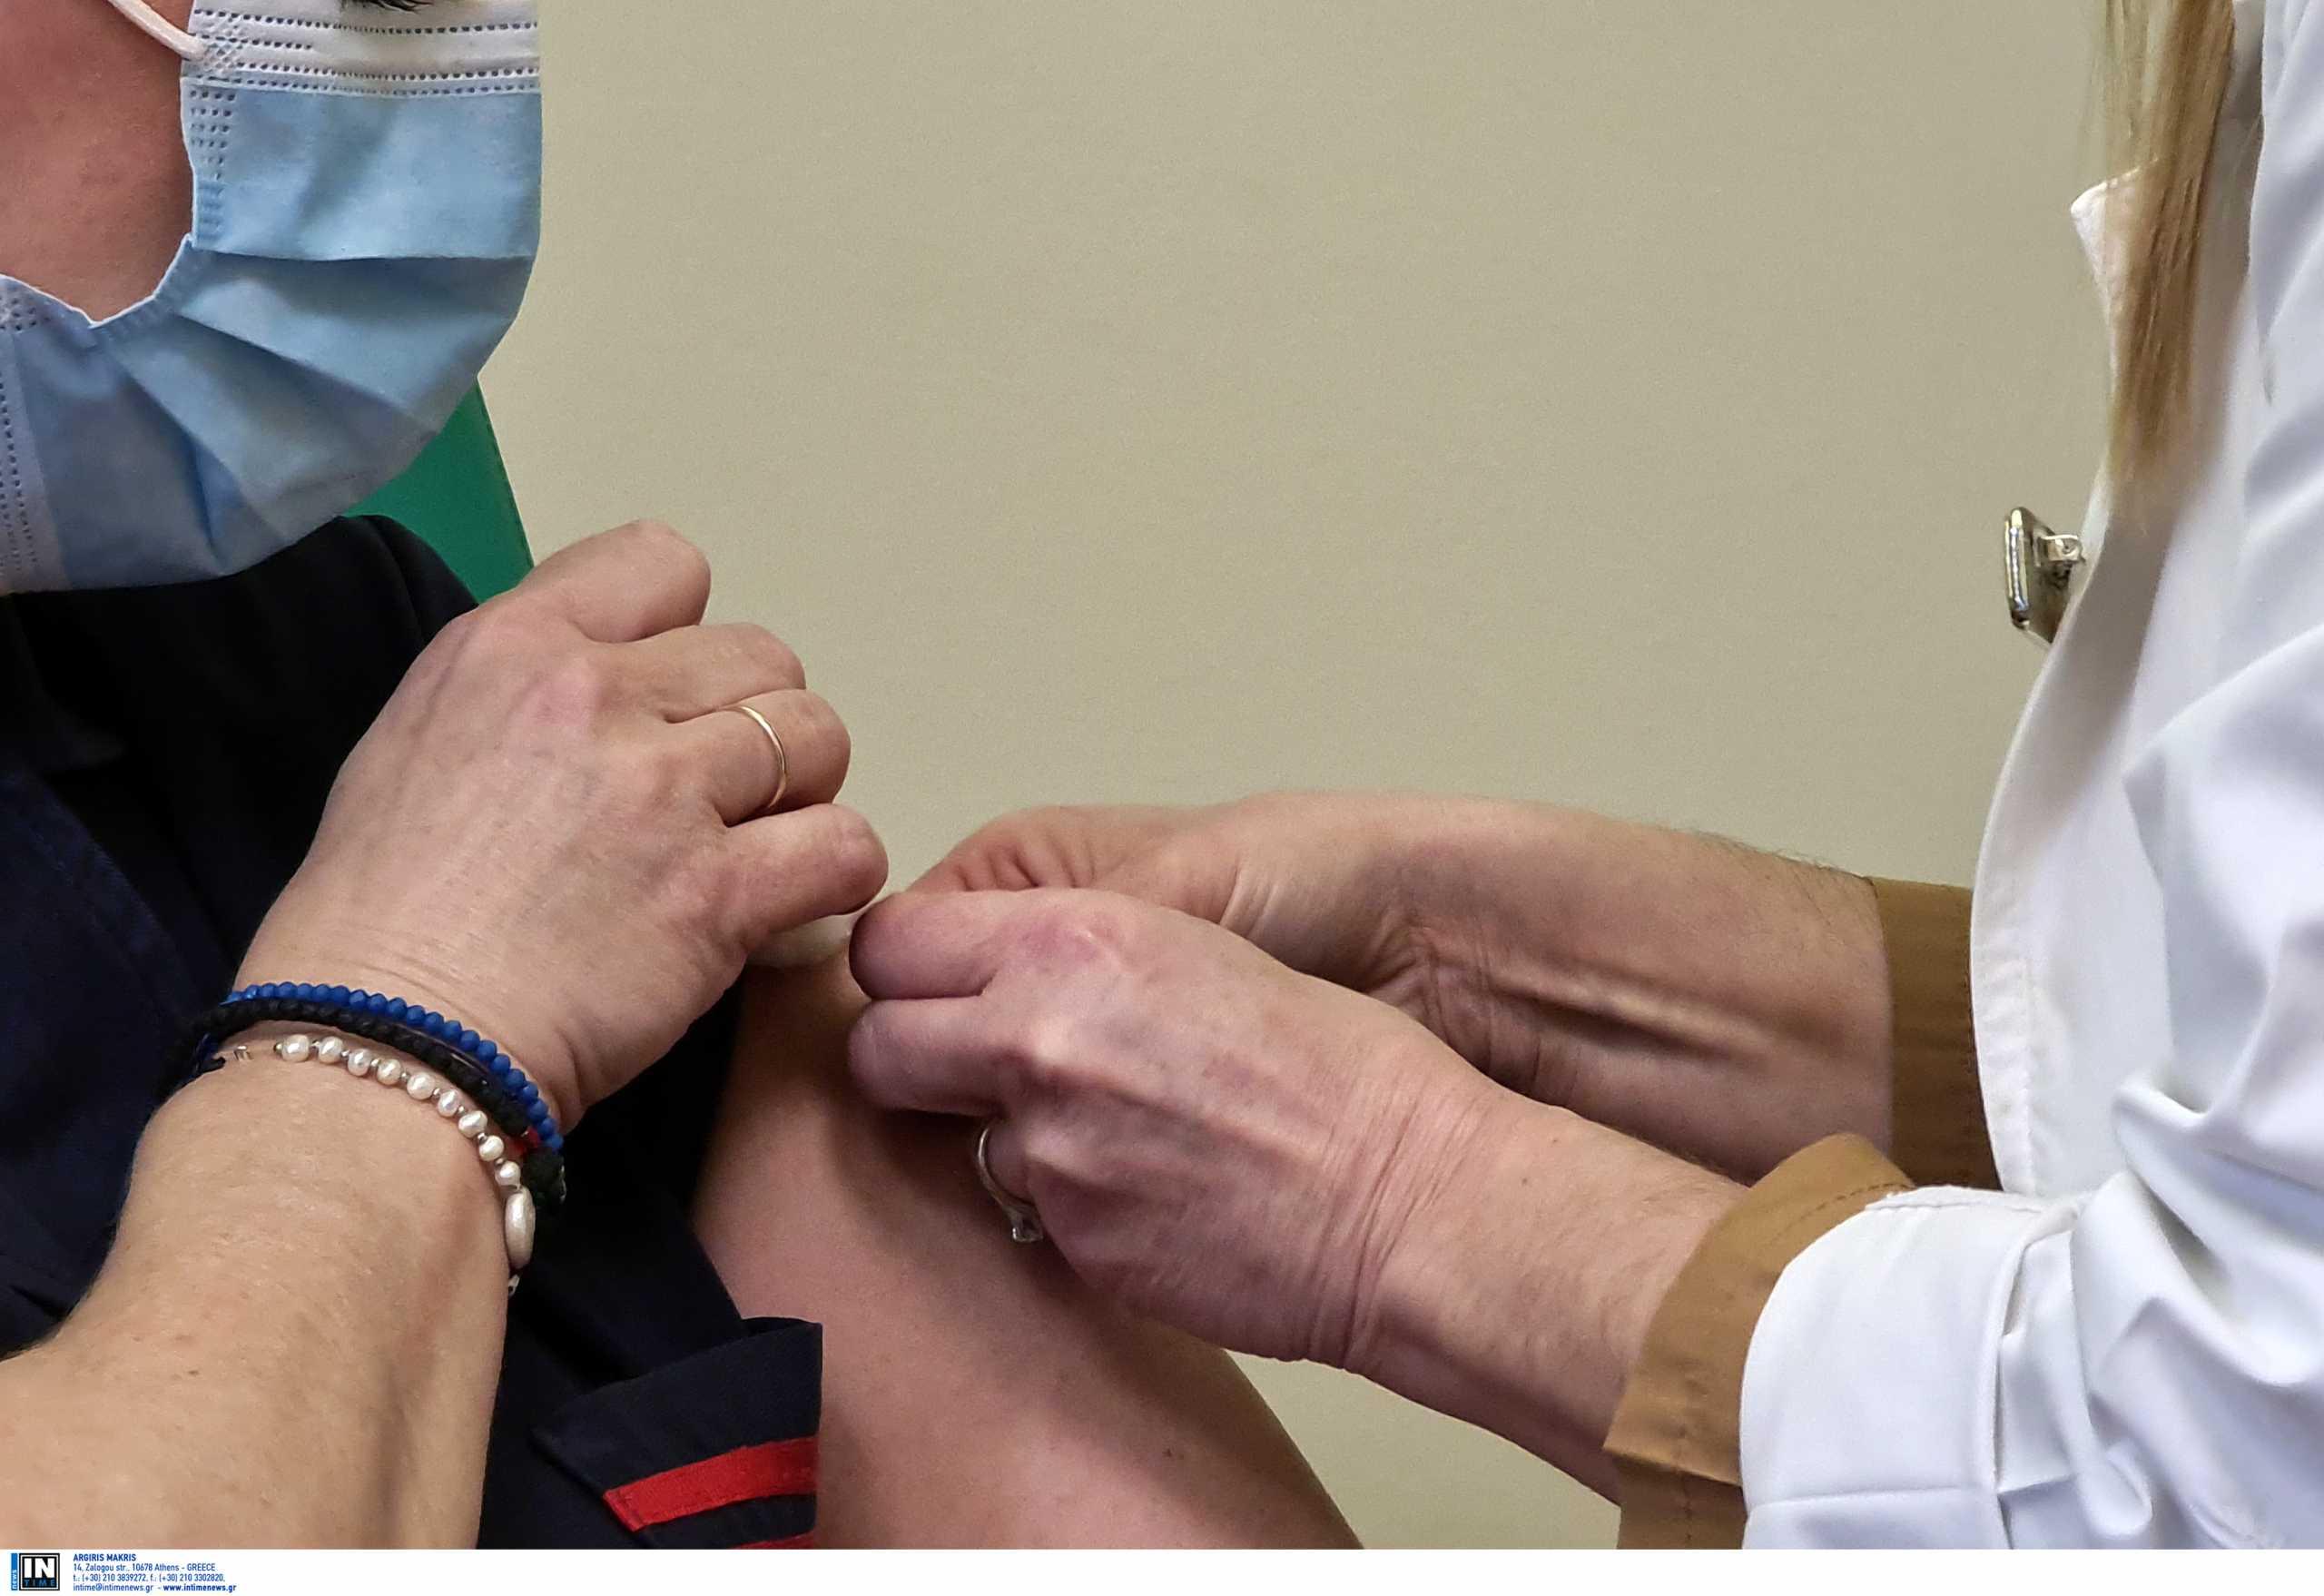 Κορονοϊός: Την άλλη εβδομάδα ξεκινούν οι εμβολιασμοί για άτομα άνω των 75 ετών